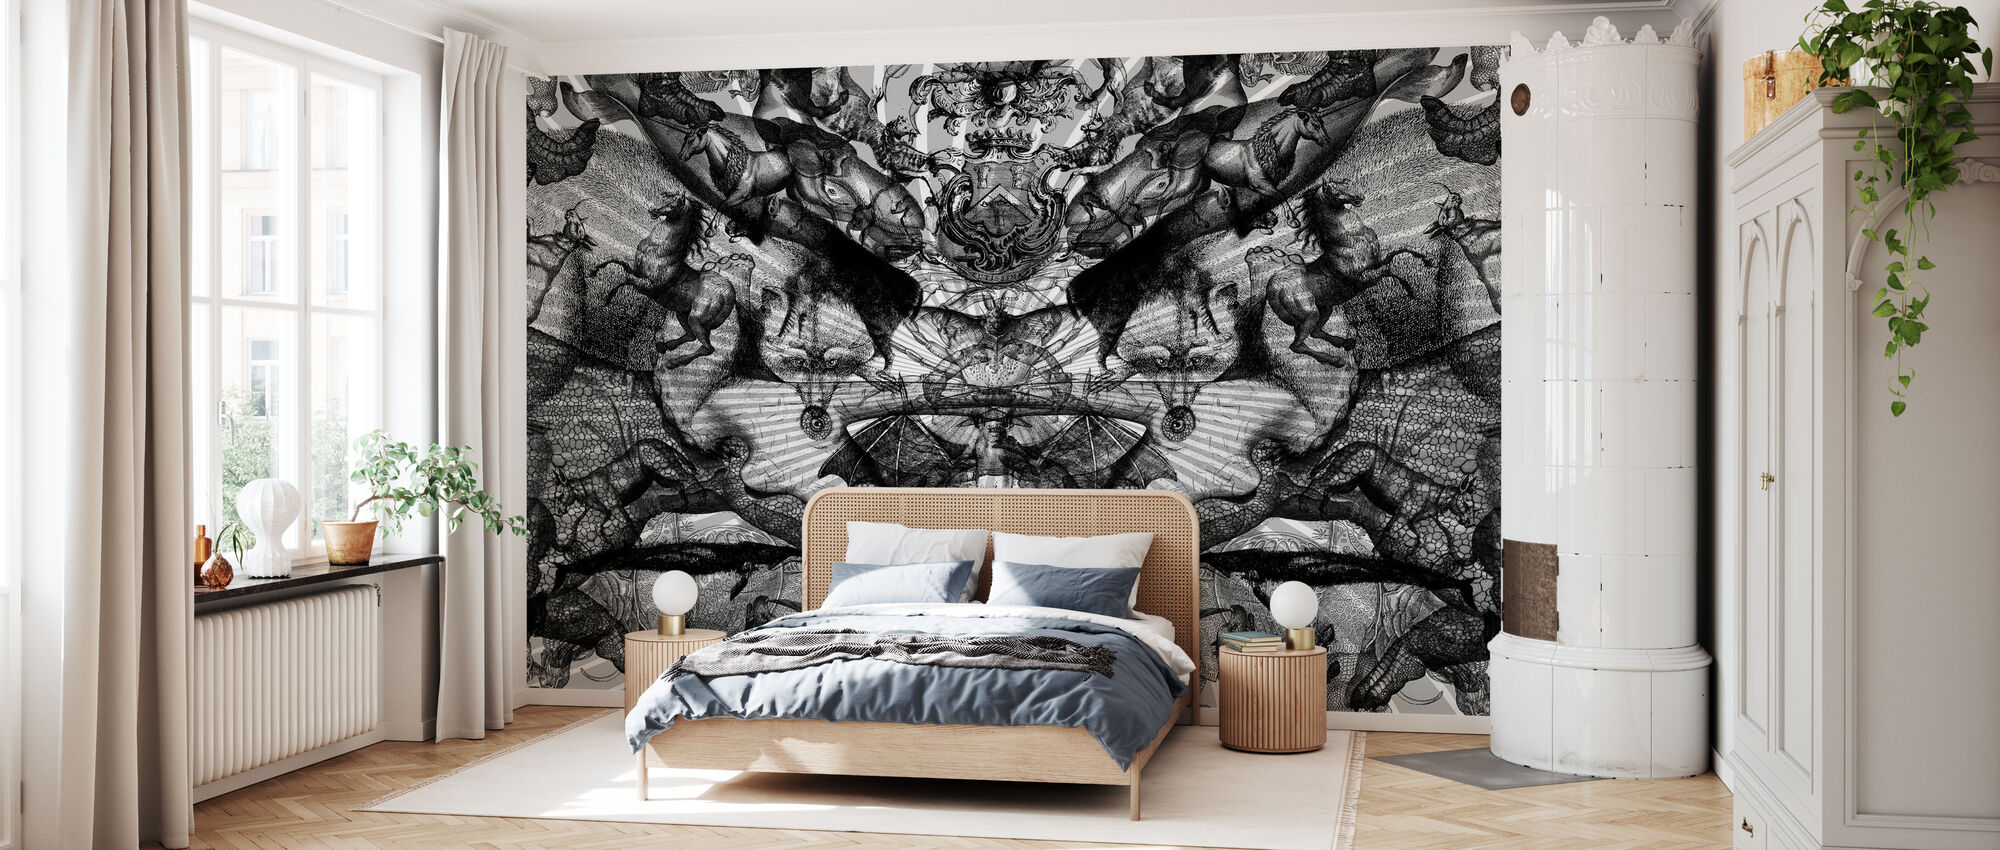 Horschach Circus - Wallpaper - Bedroom